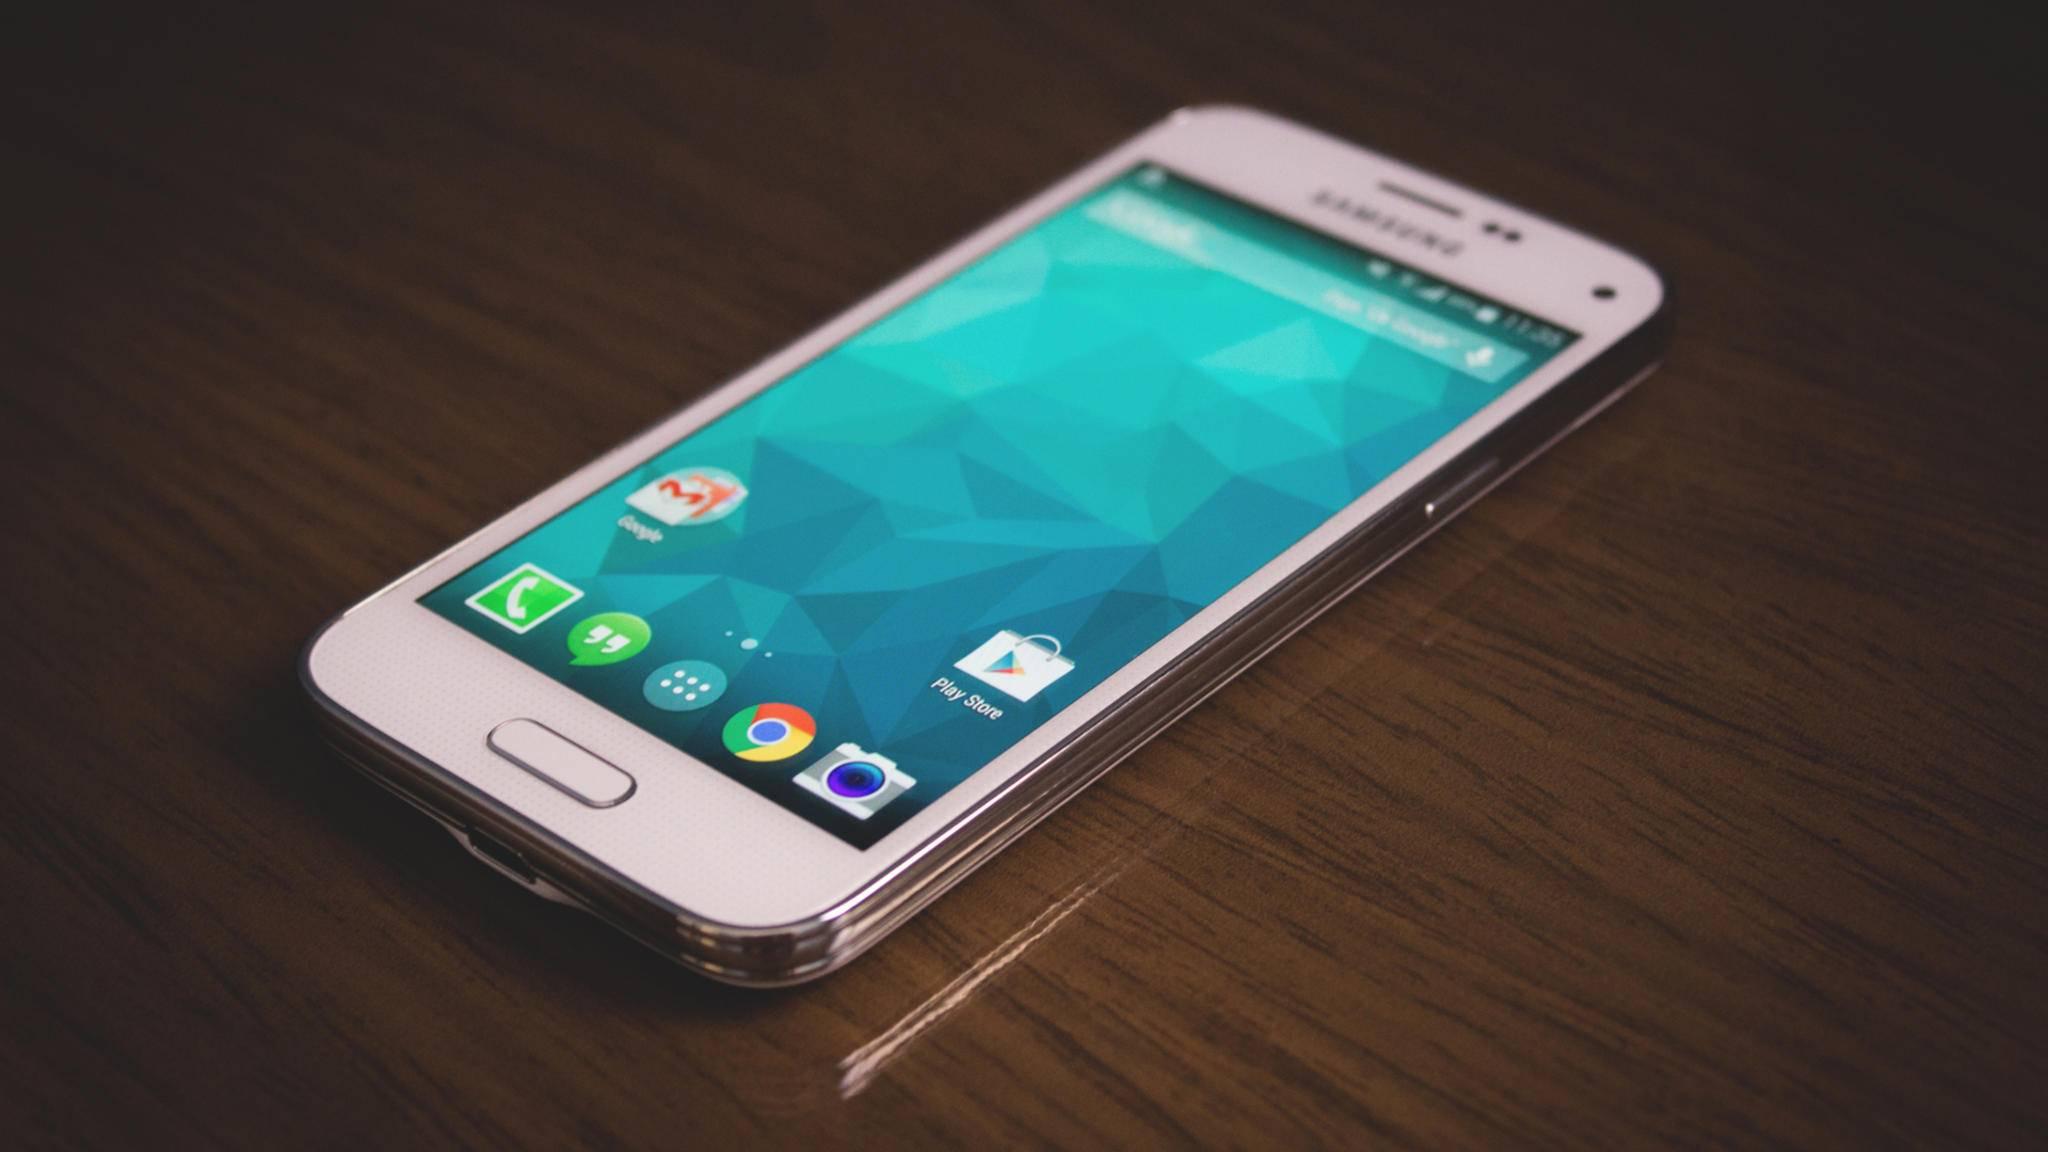 Das Update auf Android Marshmallow fürs Galaxy S5 Mini hat rund ein Jahr auf sich warten lassen.